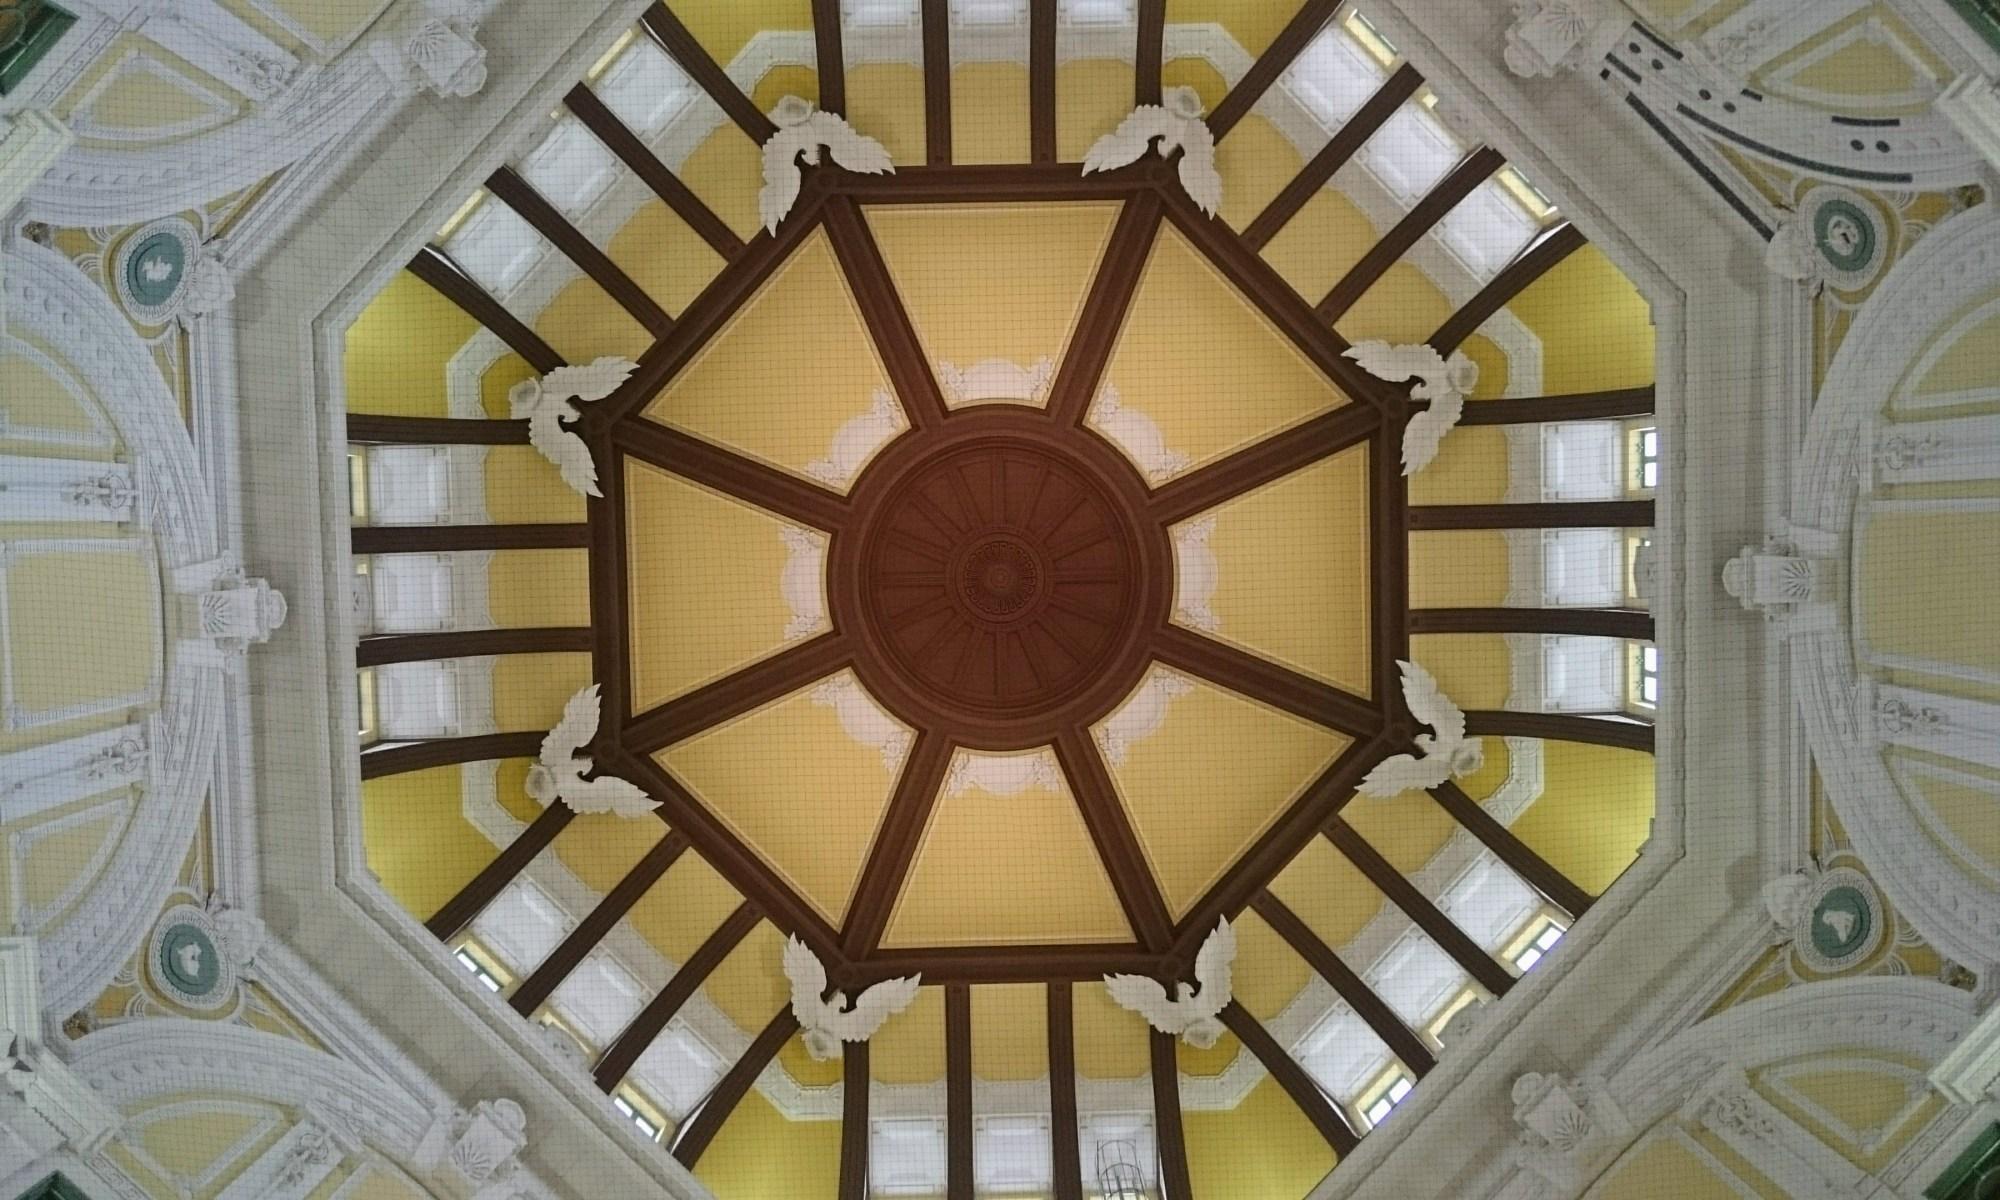 東京駅丸の内天井